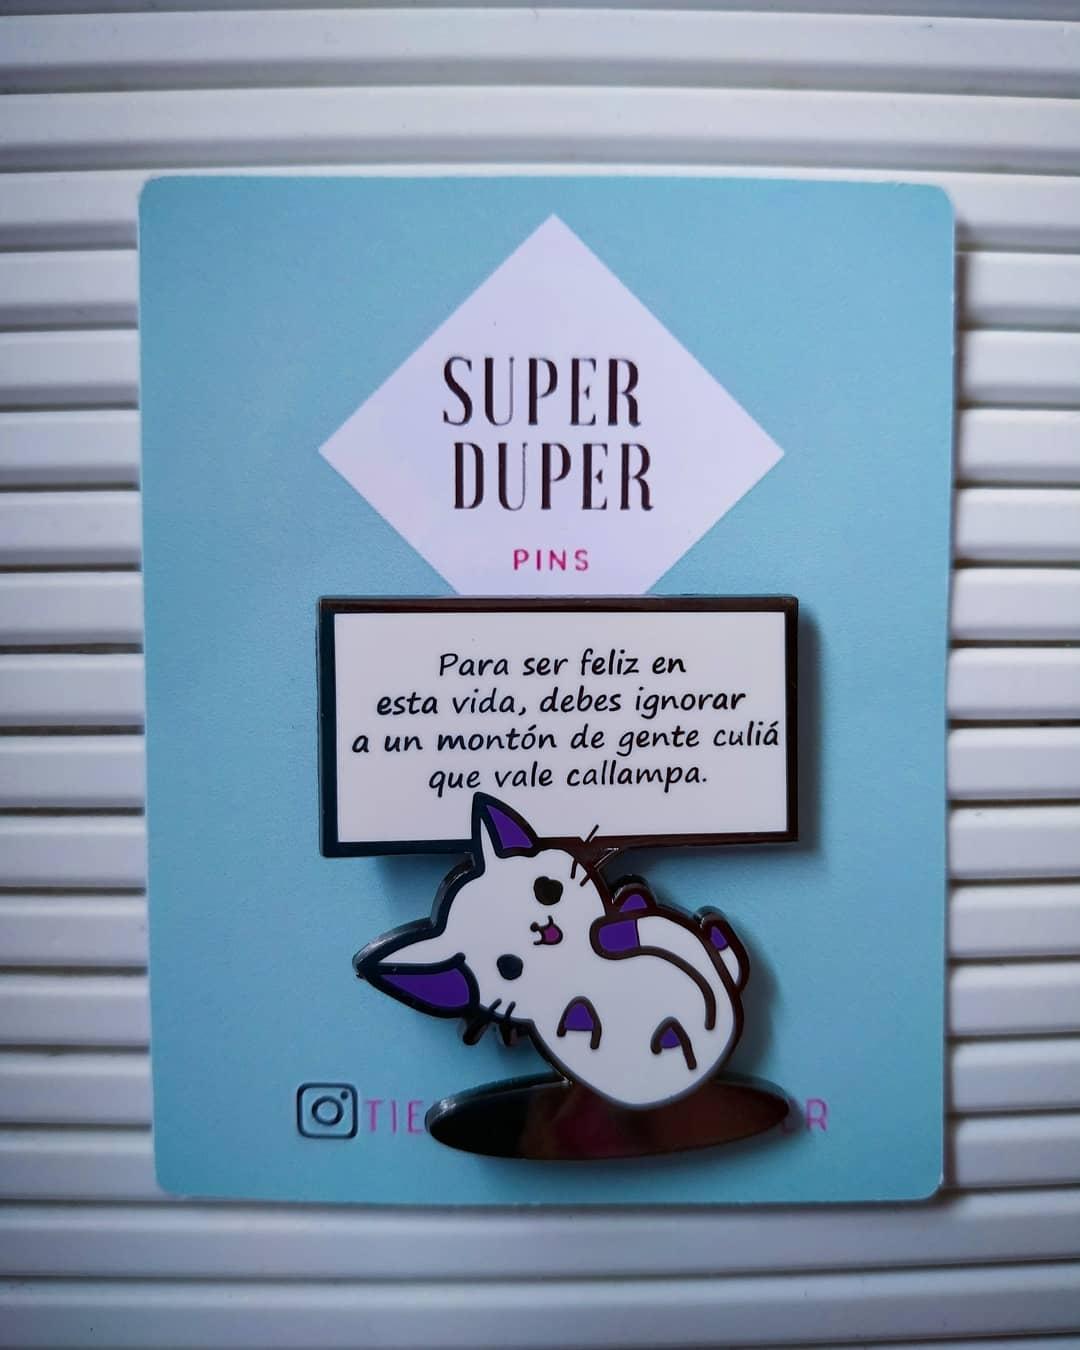 Colaboración con Gatos Qls para Super Duper pins ilustrados